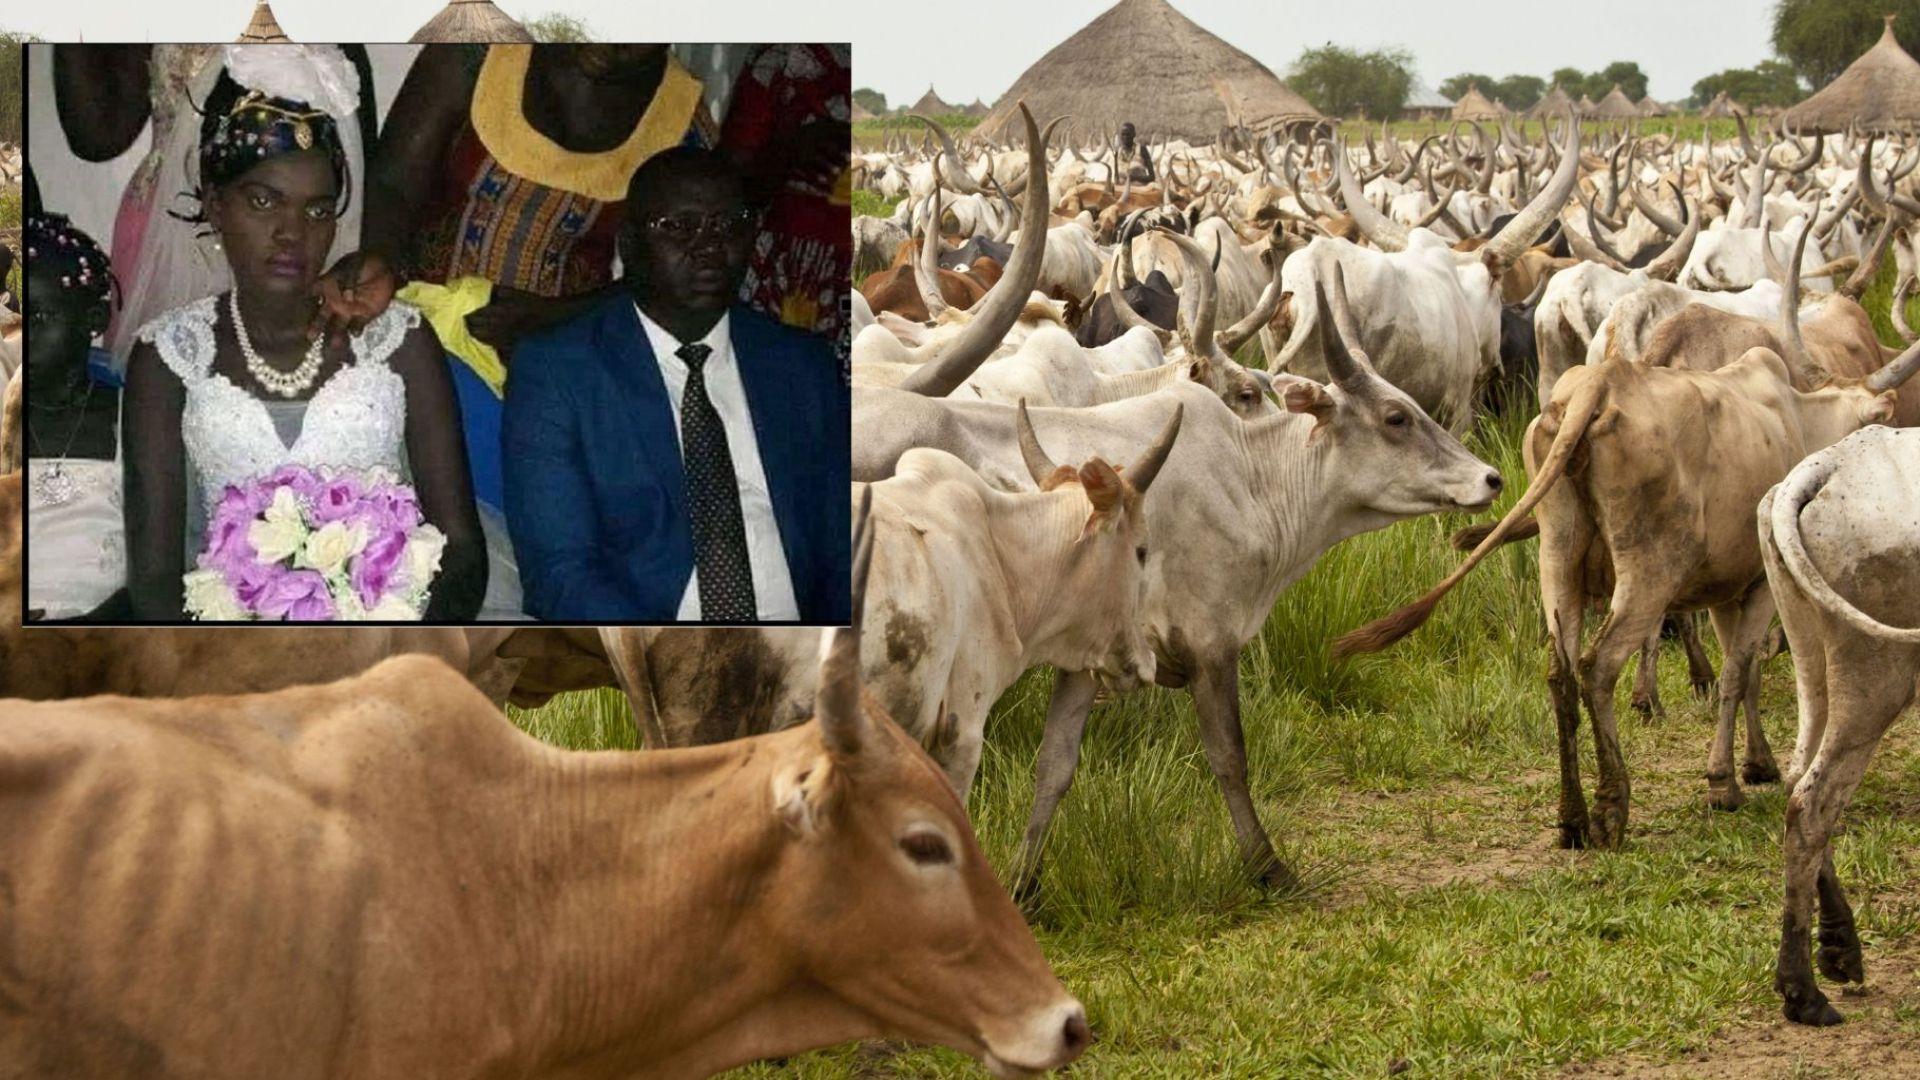 17-годишна суданка бе продадена от баща си за 500 крави и 3 коли във Фейсбук